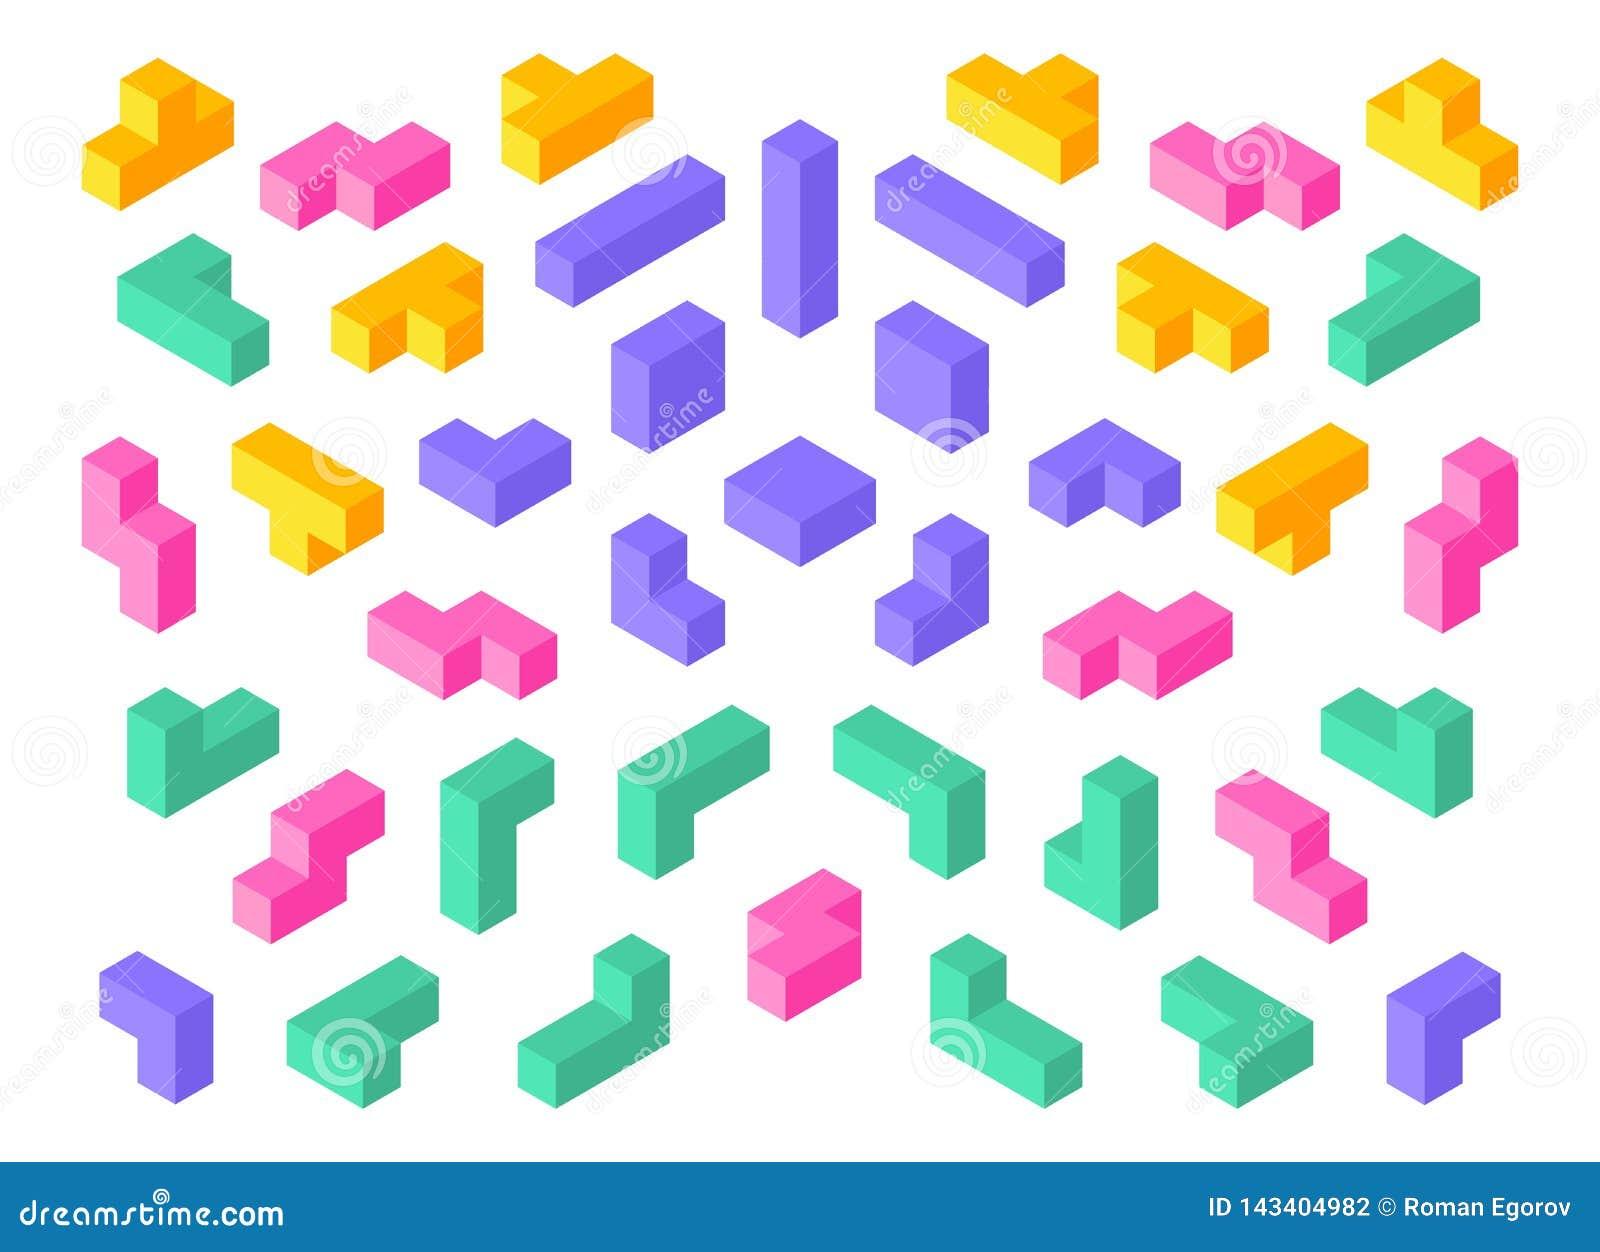 Formas de Tetris Bloques coloridos del extracto del cubo del rompecabezas 3D de los elementos isométricos del juego Los tetris is